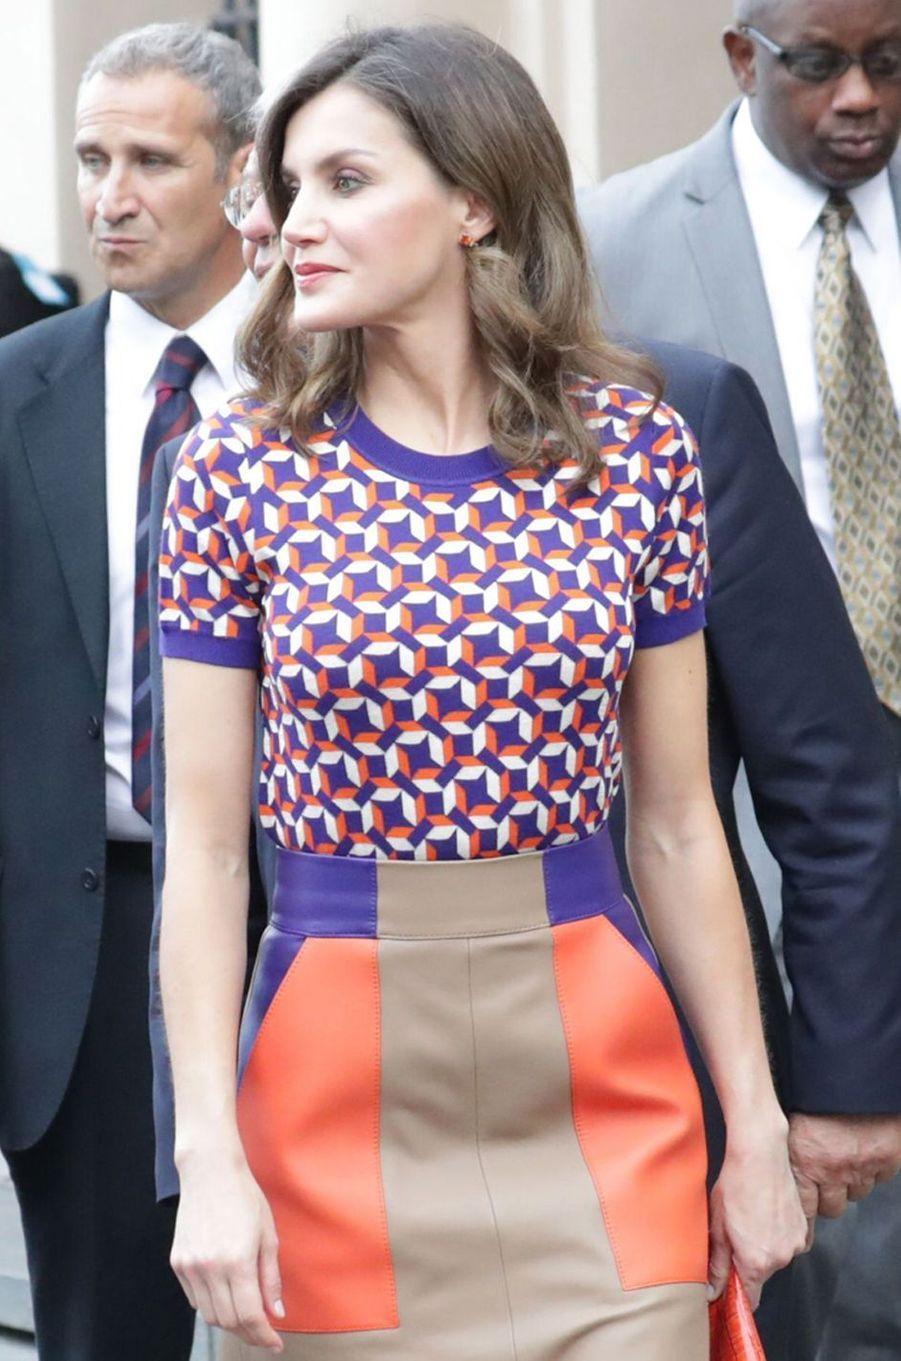 La reine Letizia d'Espagne à La Nouvelle-Orléans, le 15 juin 2018